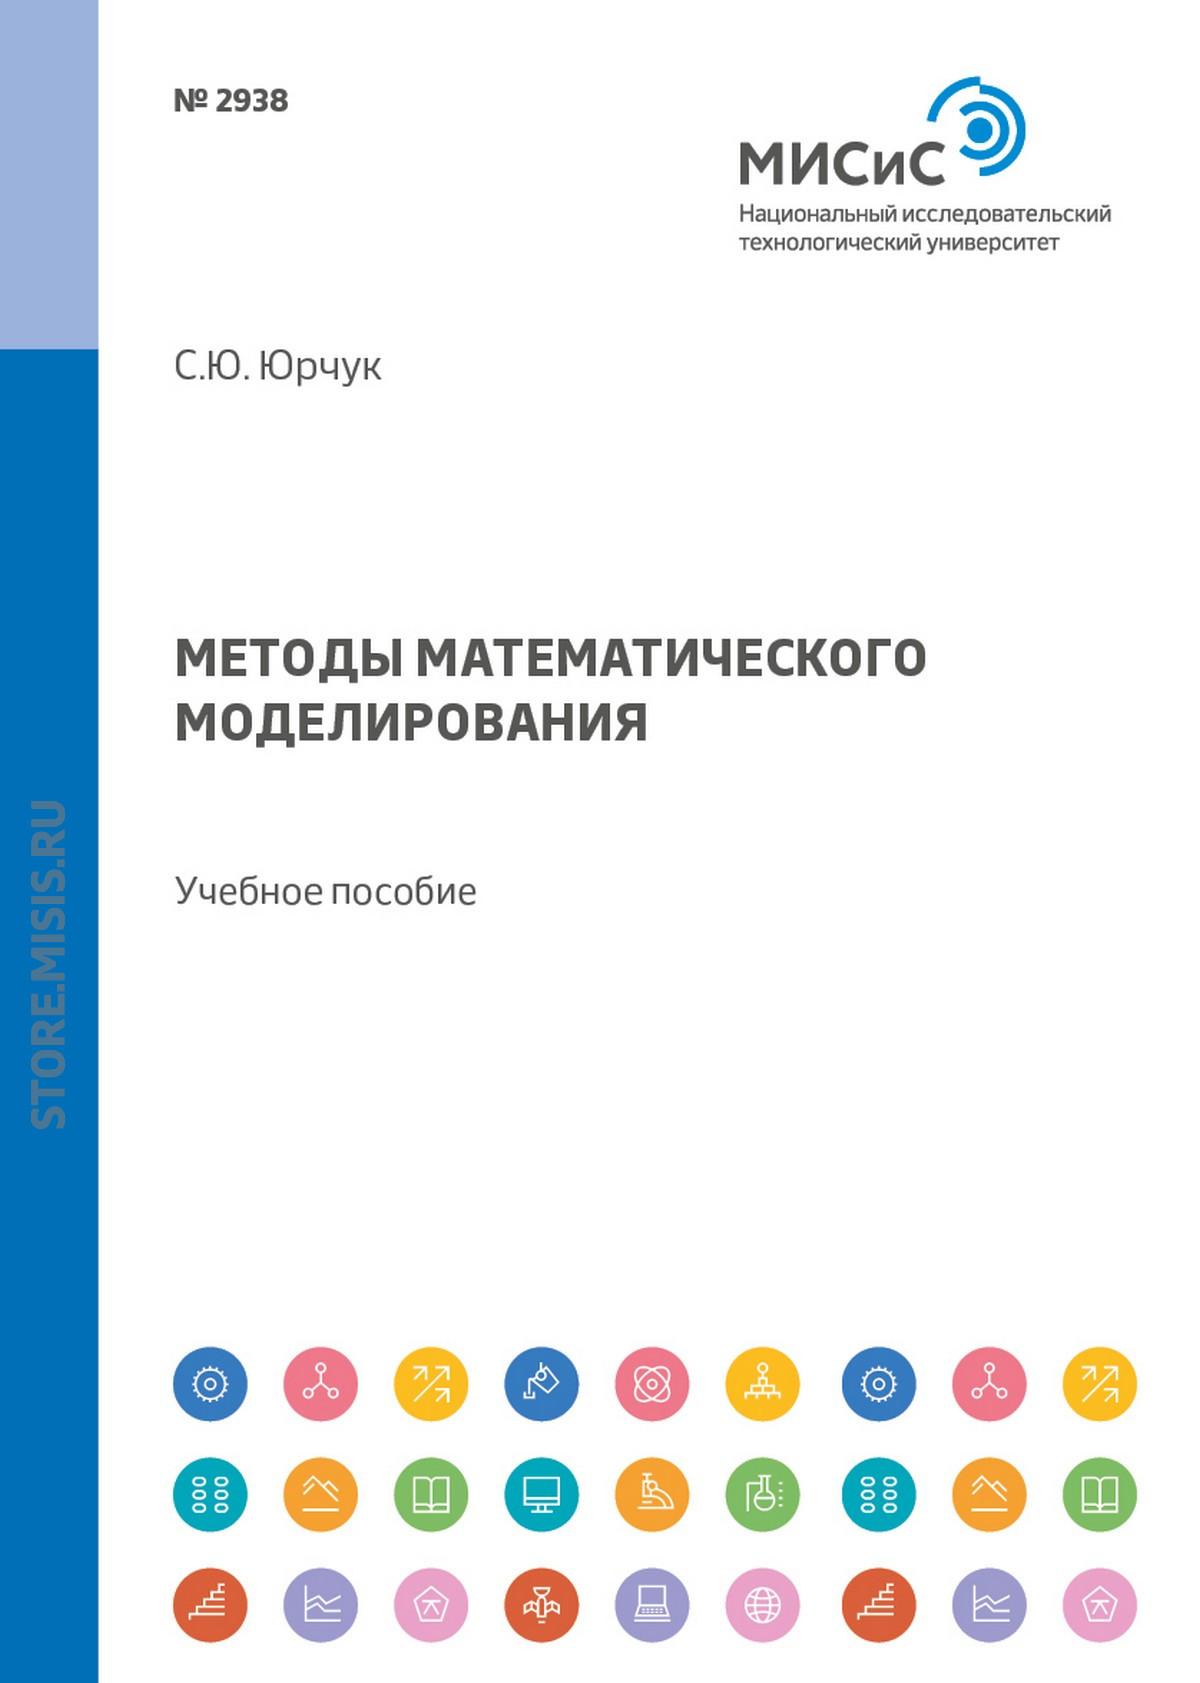 С. Ю. Юрчук Методы математического моделирования. Учебное пособие